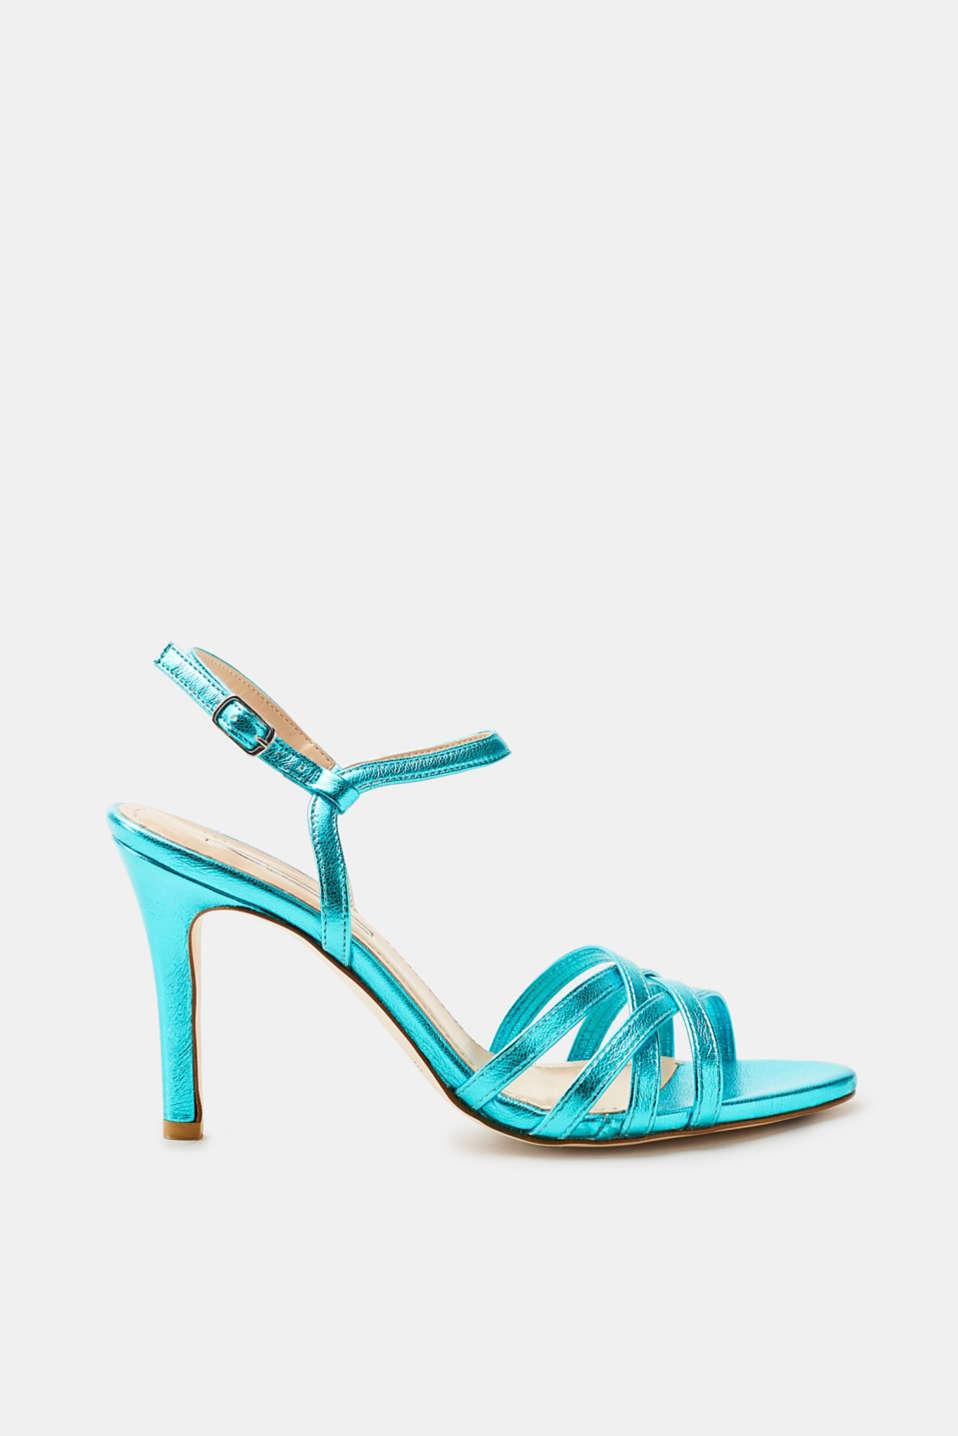 Esprit Metallic-Sandalette in Leder-Optik für Damen, Größe 40, Turquoise